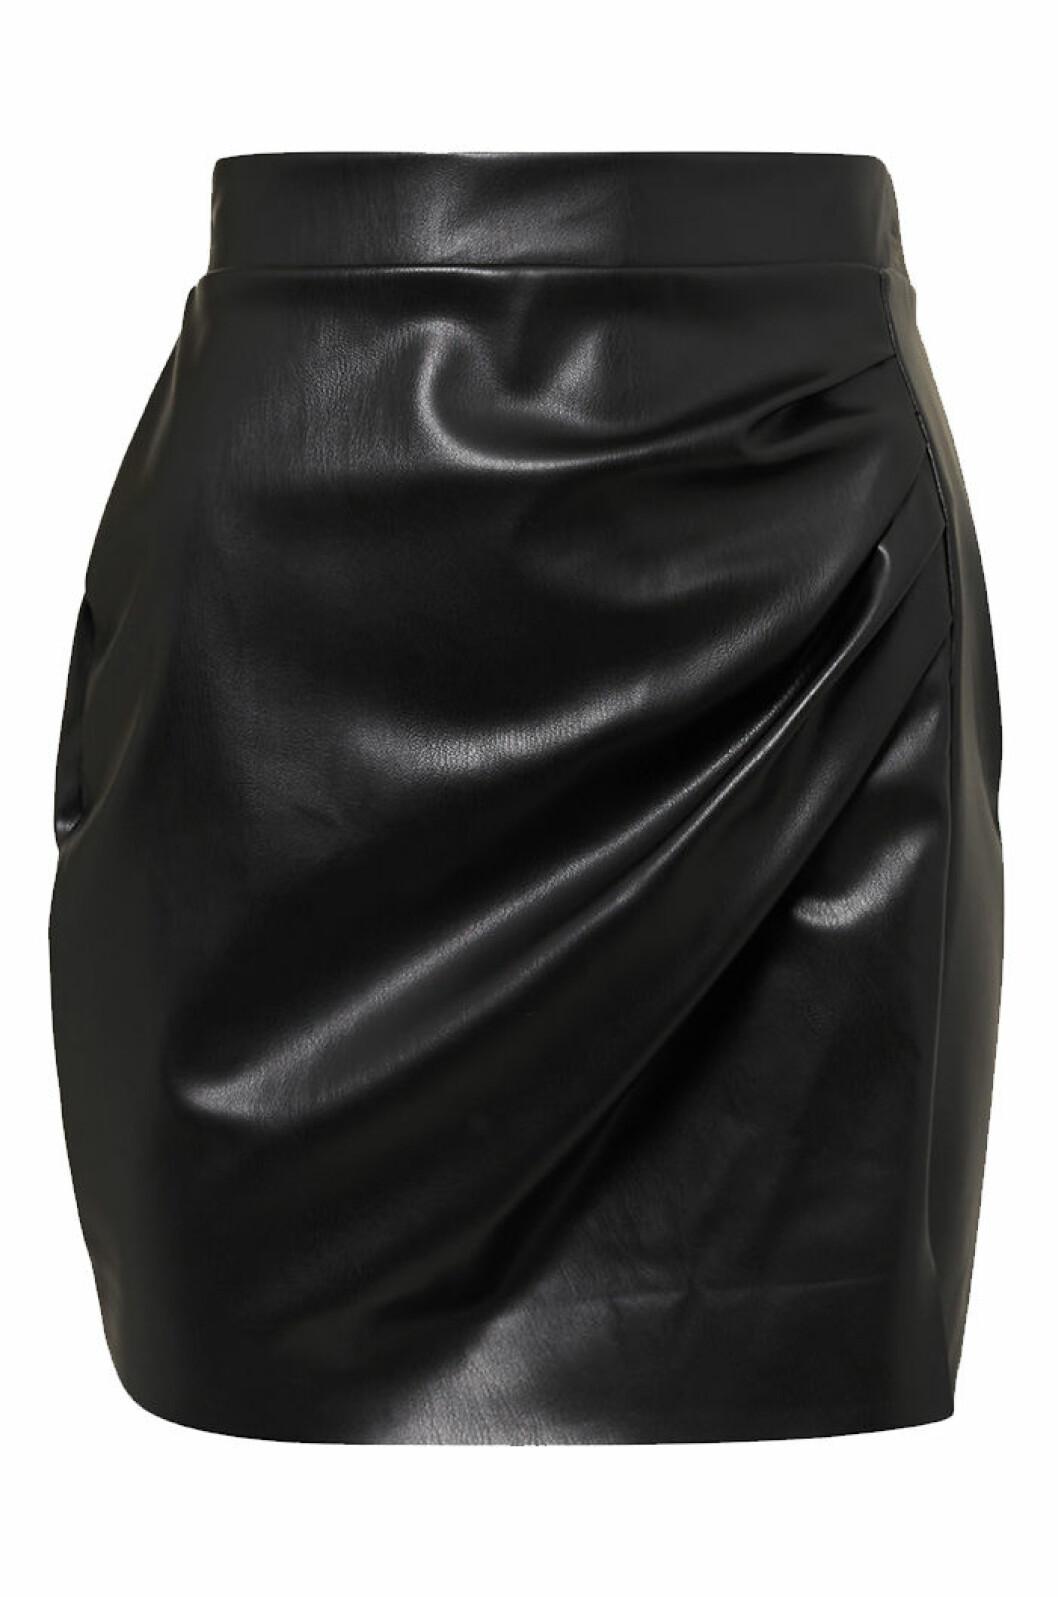 svart-kjol-biancaxnelly